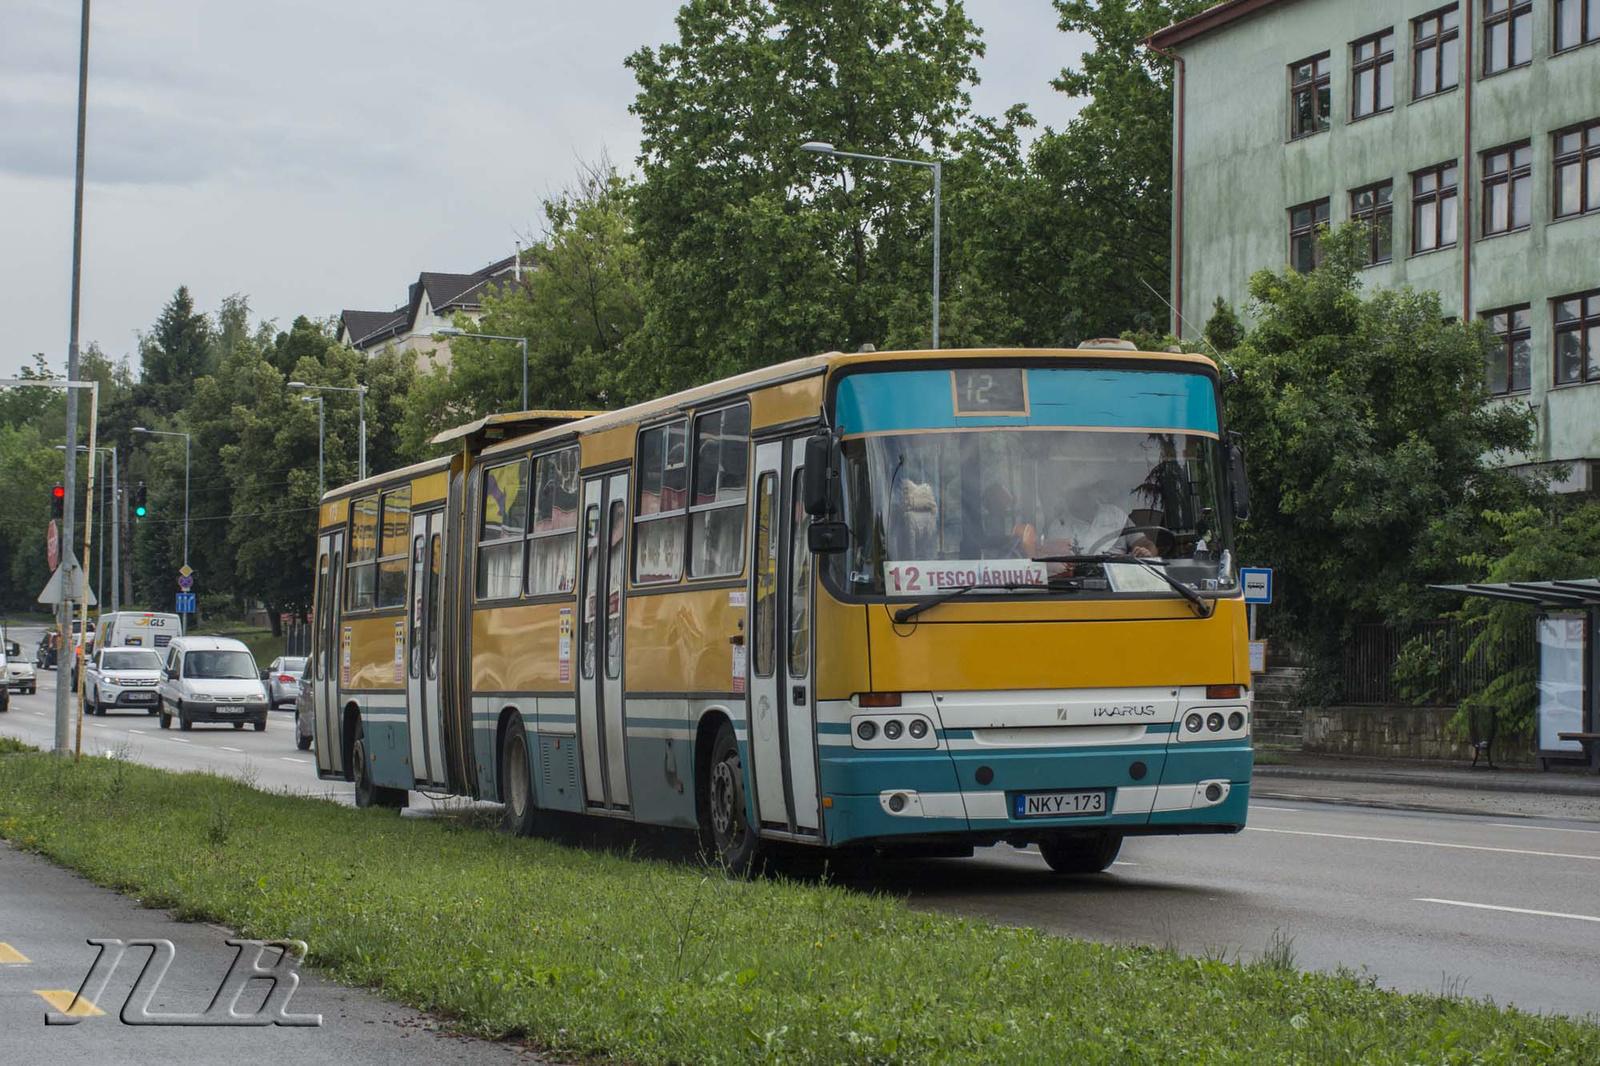 NKY-173